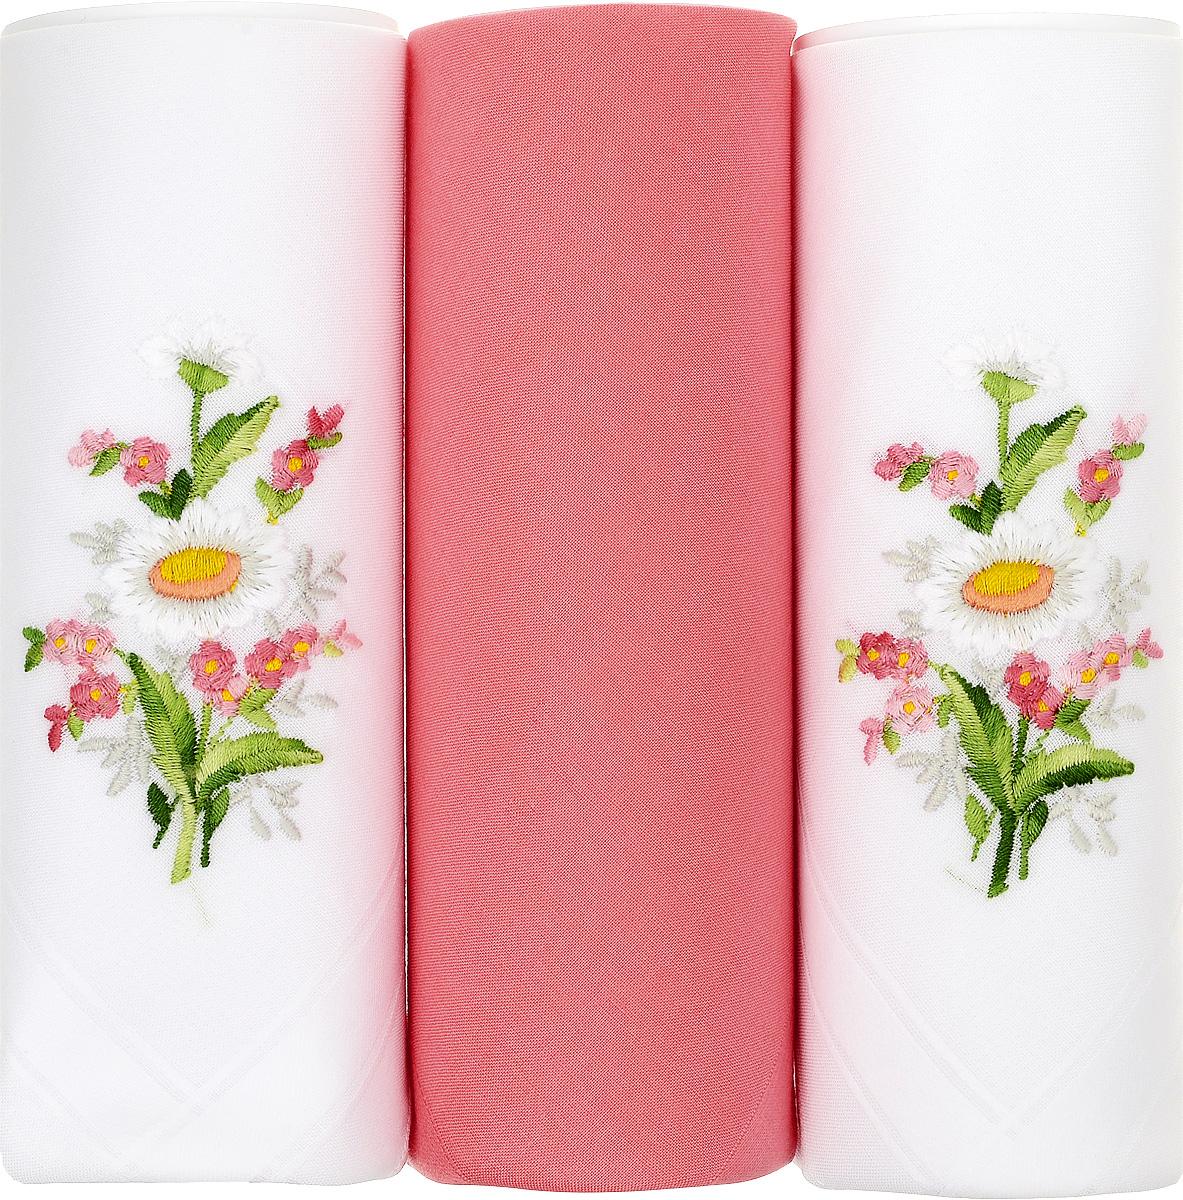 Платок носовой женский Zlata Korunka, цвет: белый, коралловый, 3 шт. 25605-5. Размер 30 см х 30 см25605-5Небольшой женский носовой платок Zlata Korunka изготовлен из высококачественного натурального хлопка, благодаря чему приятен в использовании, хорошо стирается, не садится и отлично впитывает влагу. Практичный и изящный носовой платок будет незаменим в повседневной жизни любого современного человека. Такой платок послужит стильным аксессуаром и подчеркнет ваше превосходное чувство вкуса. В комплекте 3 платка.